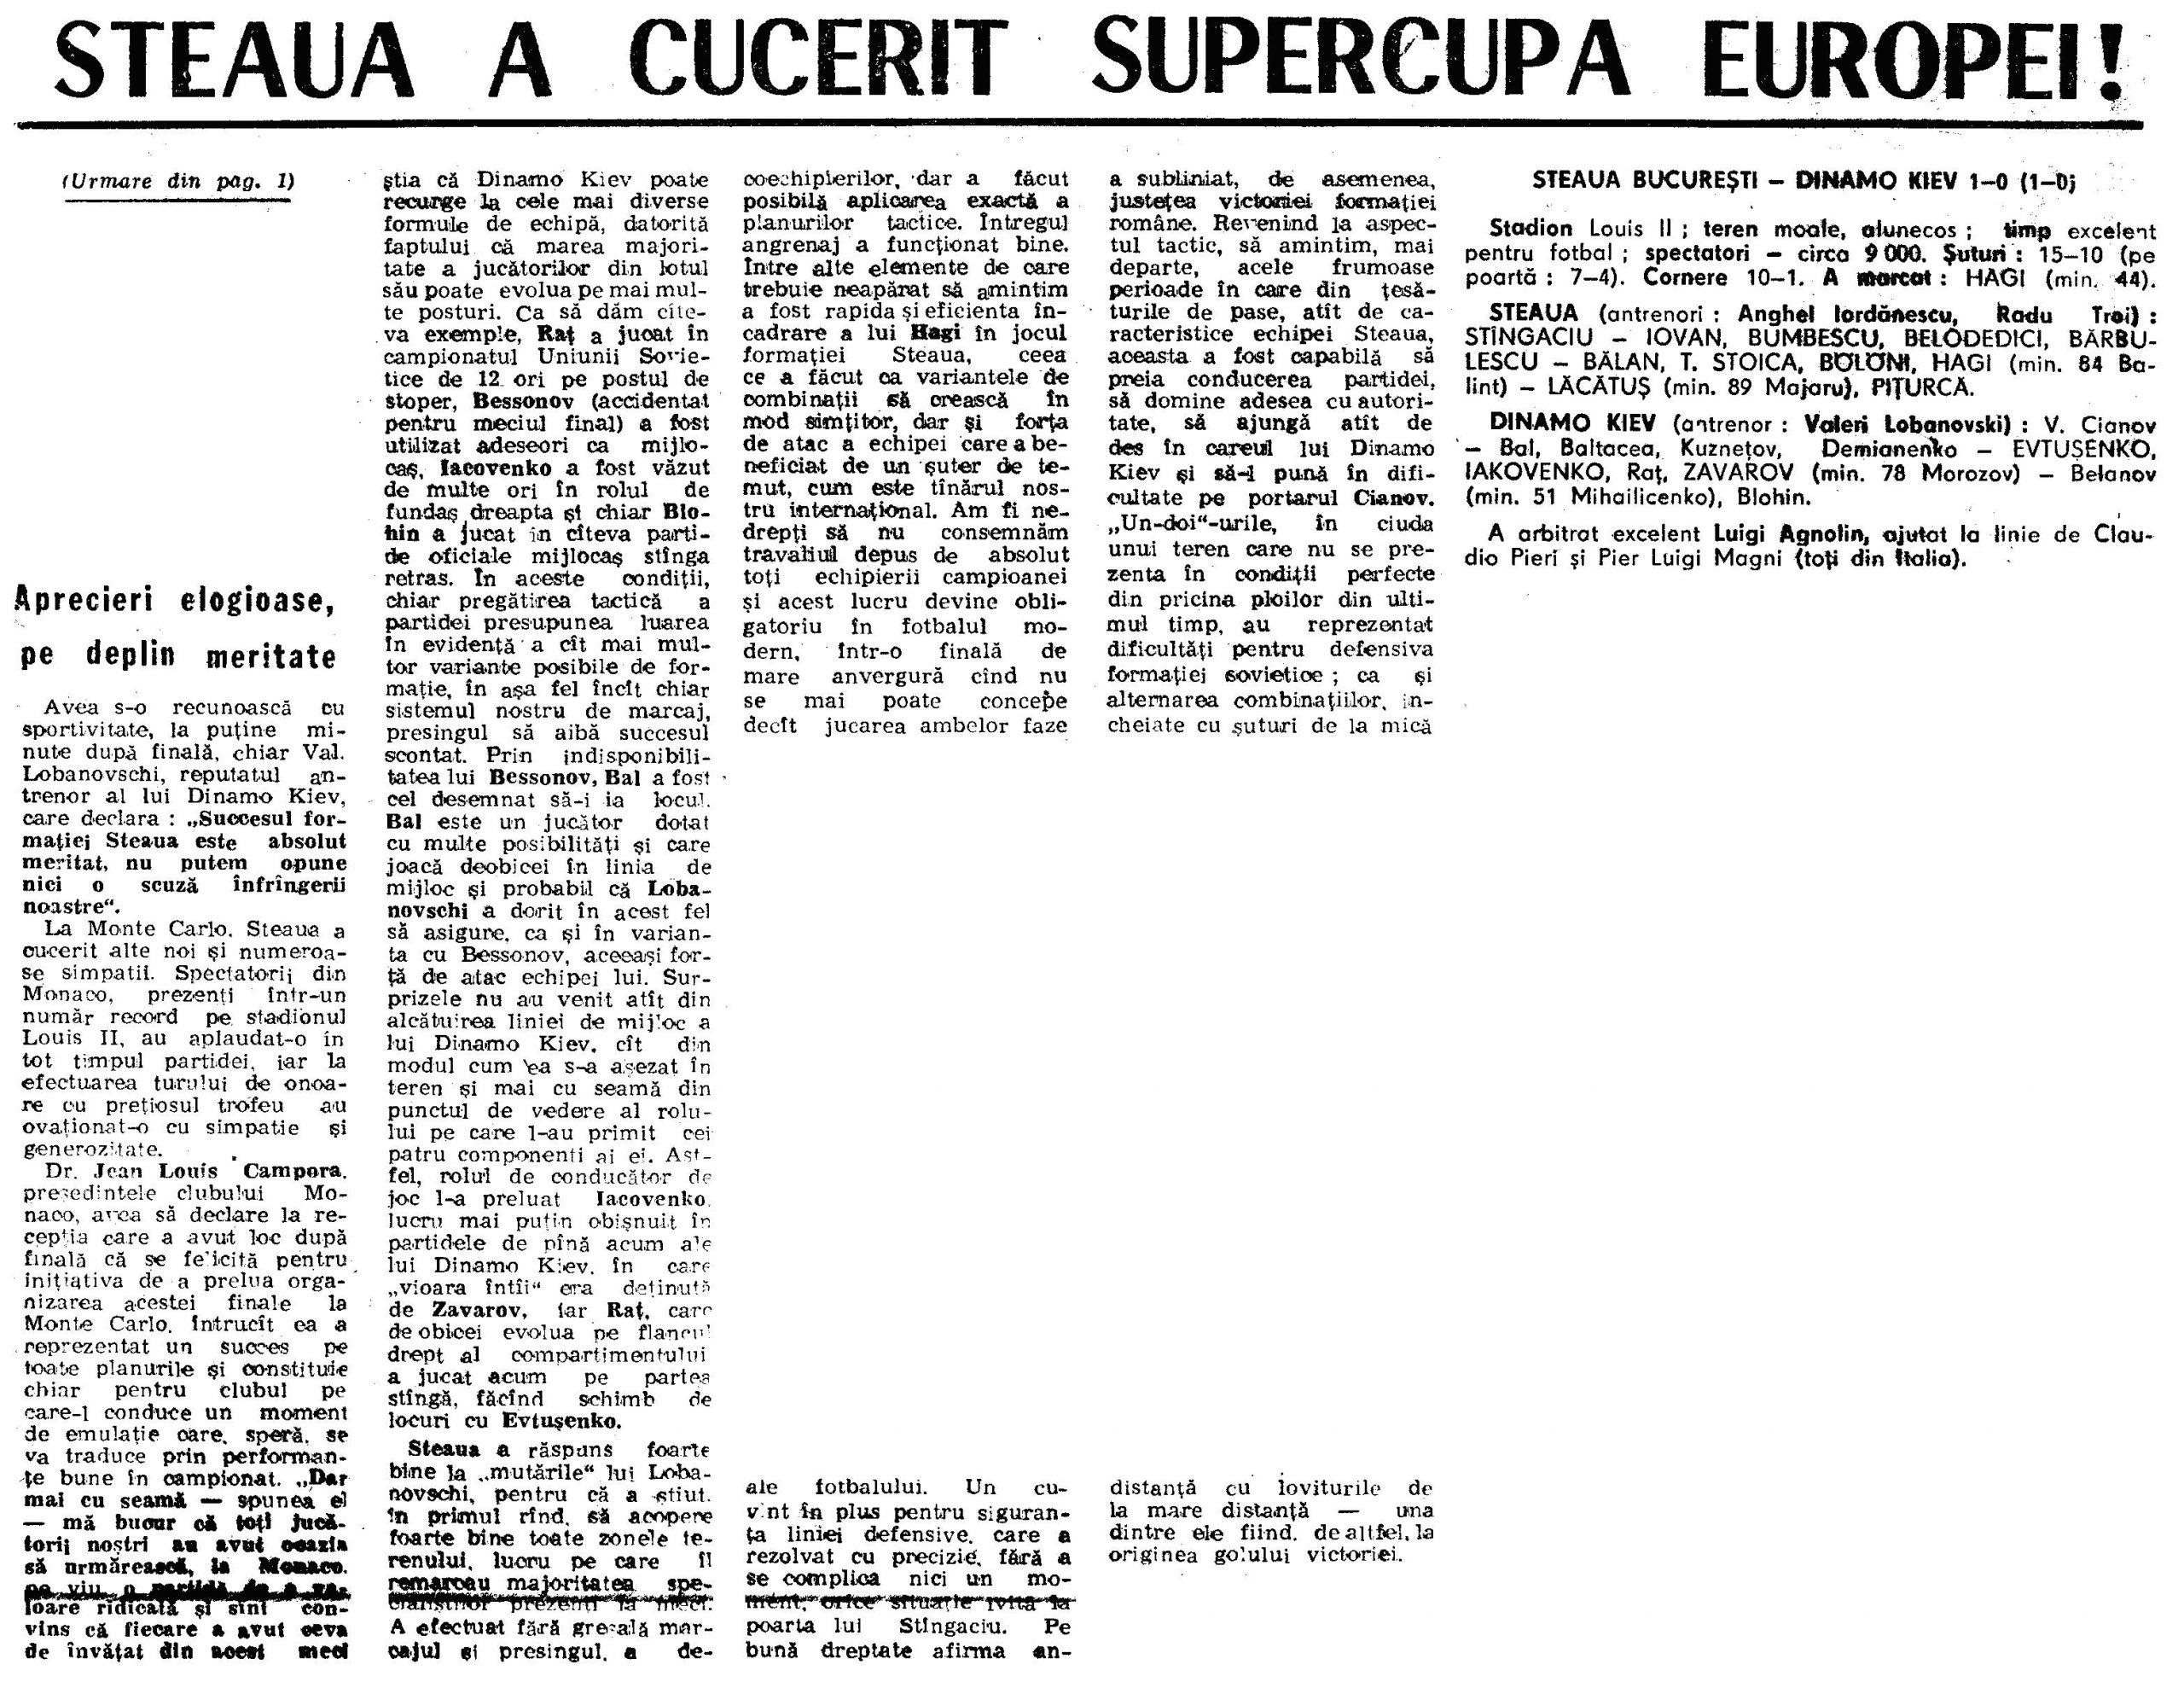 supercupa europei Steaua